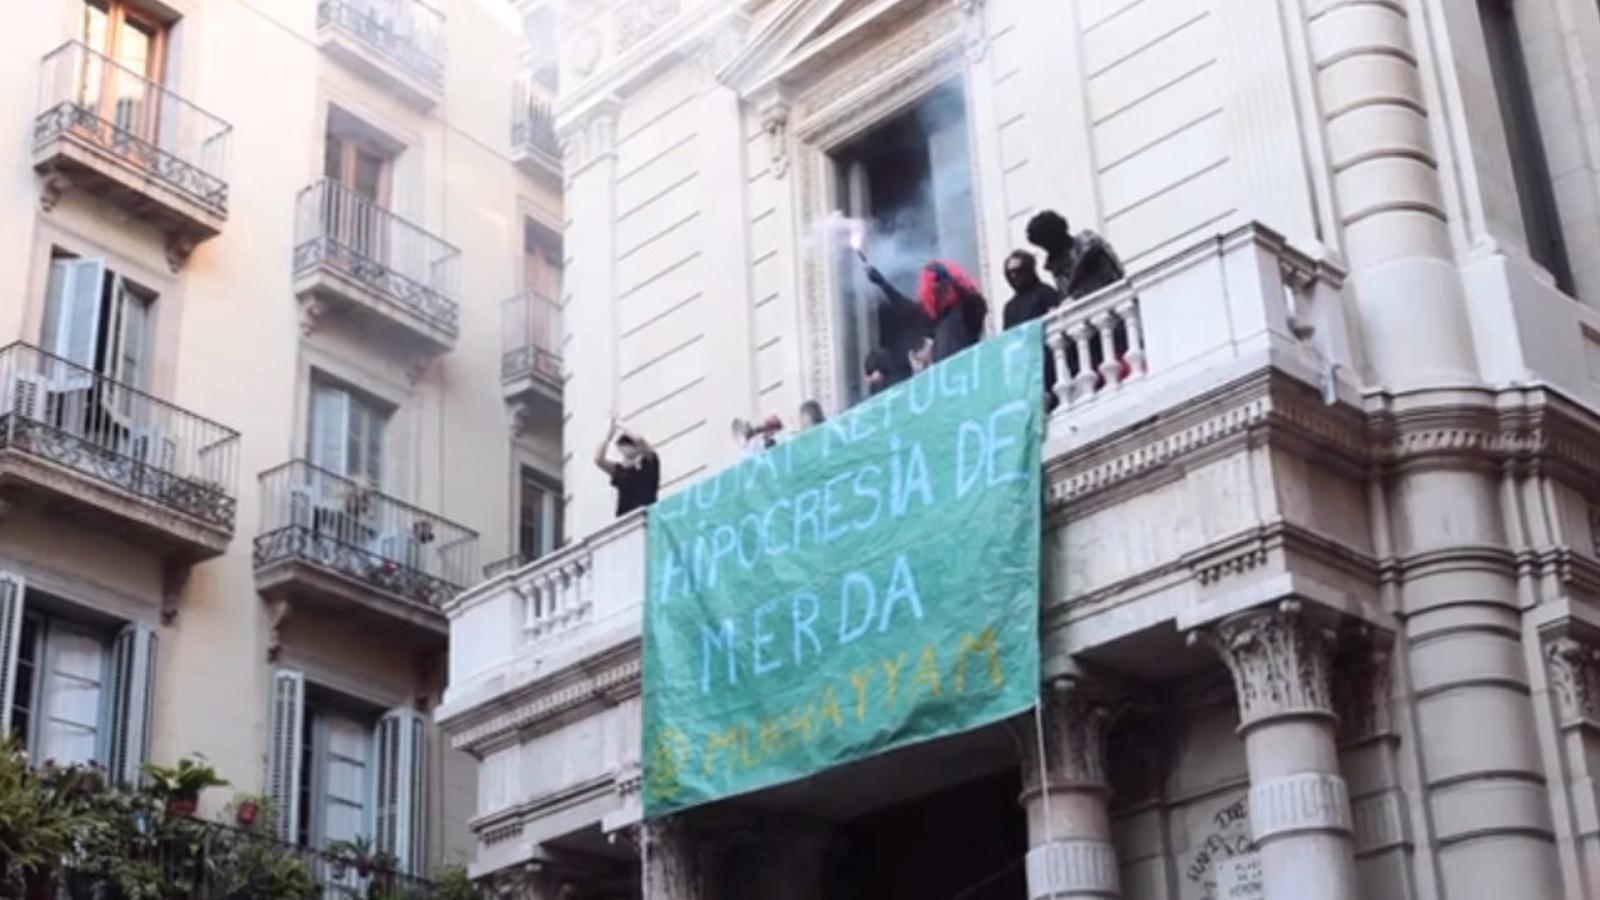 Vídeo sobre l'ocupació de l'edifici del Borsí de Barcelona